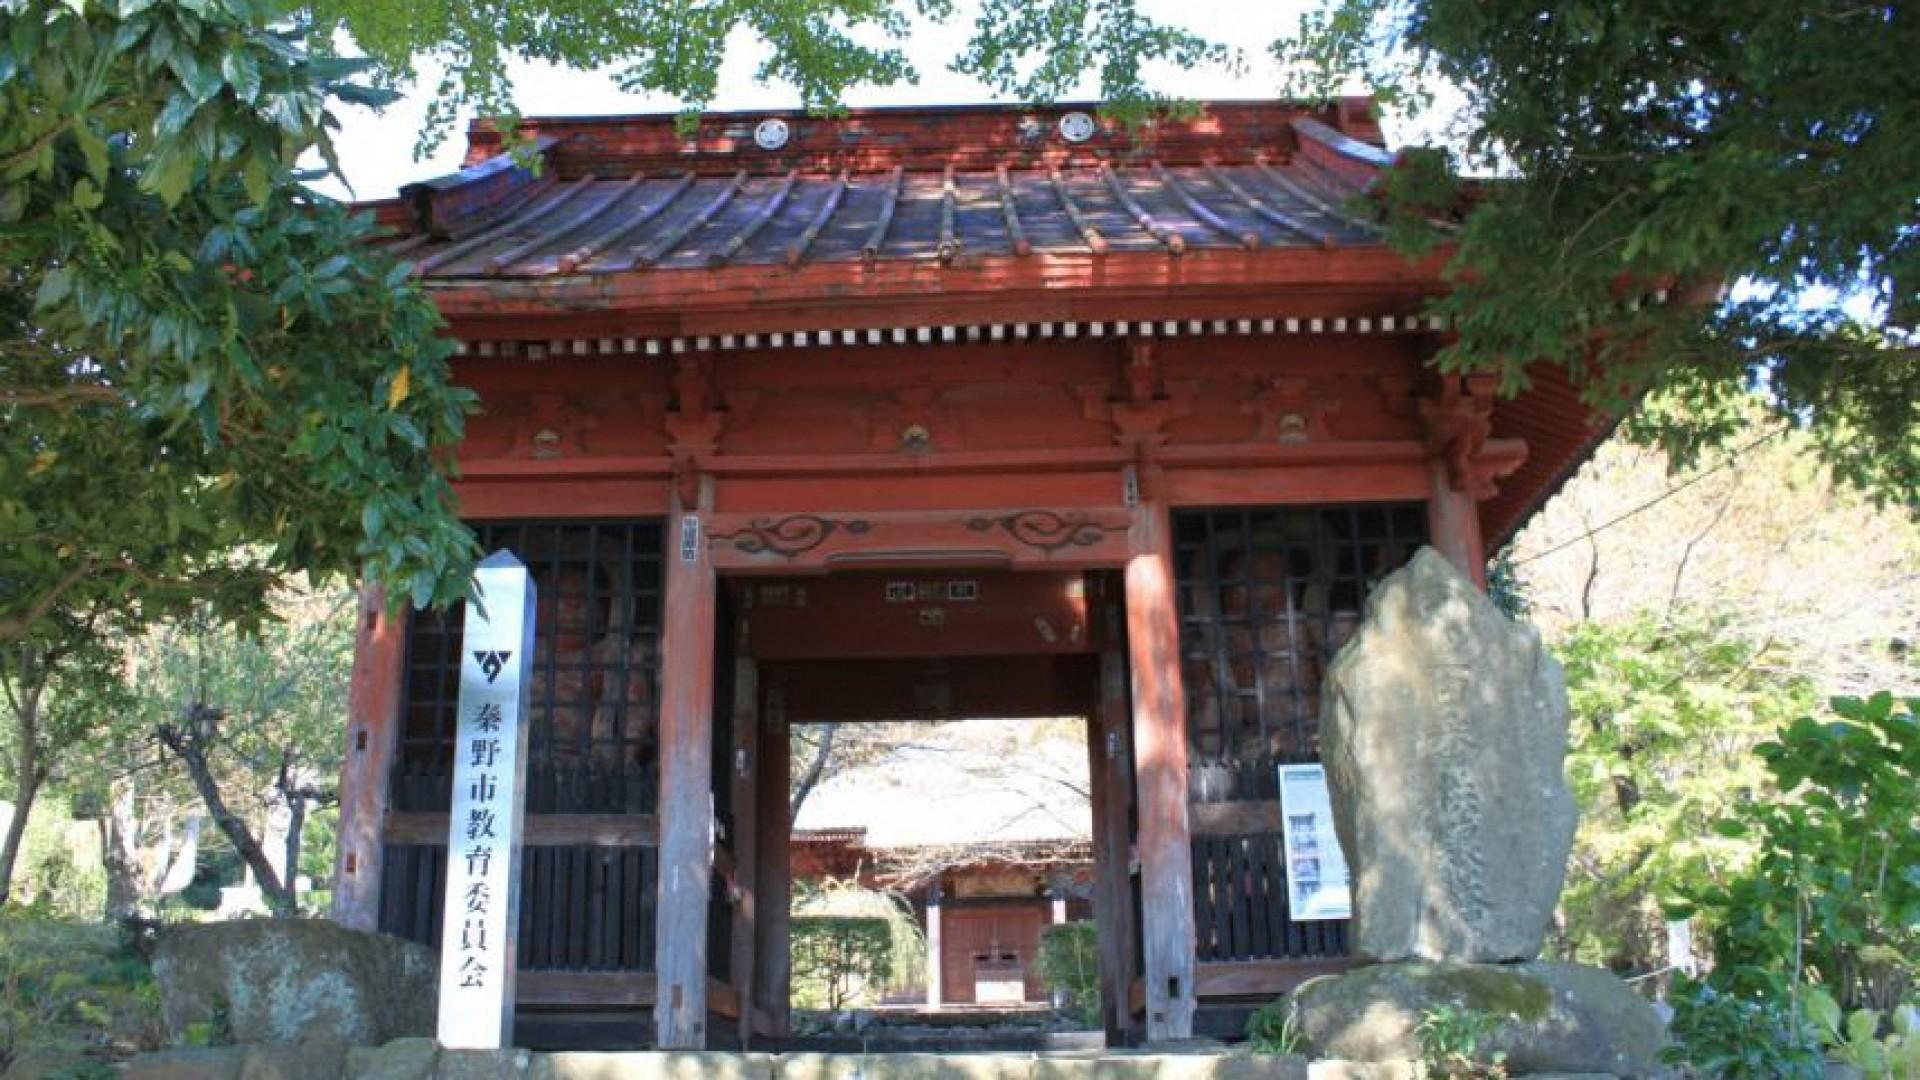 Dainichi-do